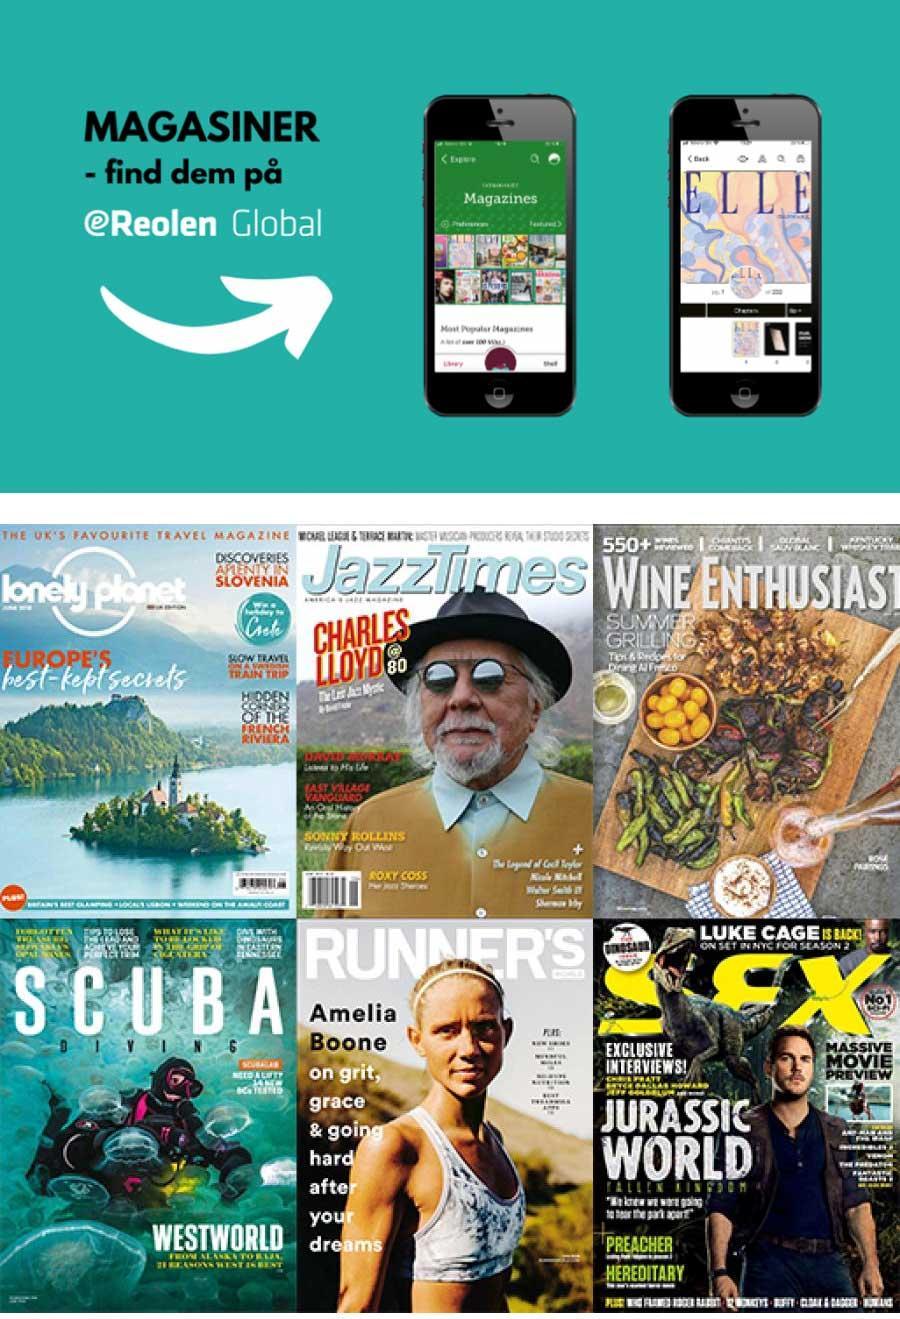 Digitale magasiner flytter fra rb digital til ereolen global og libby